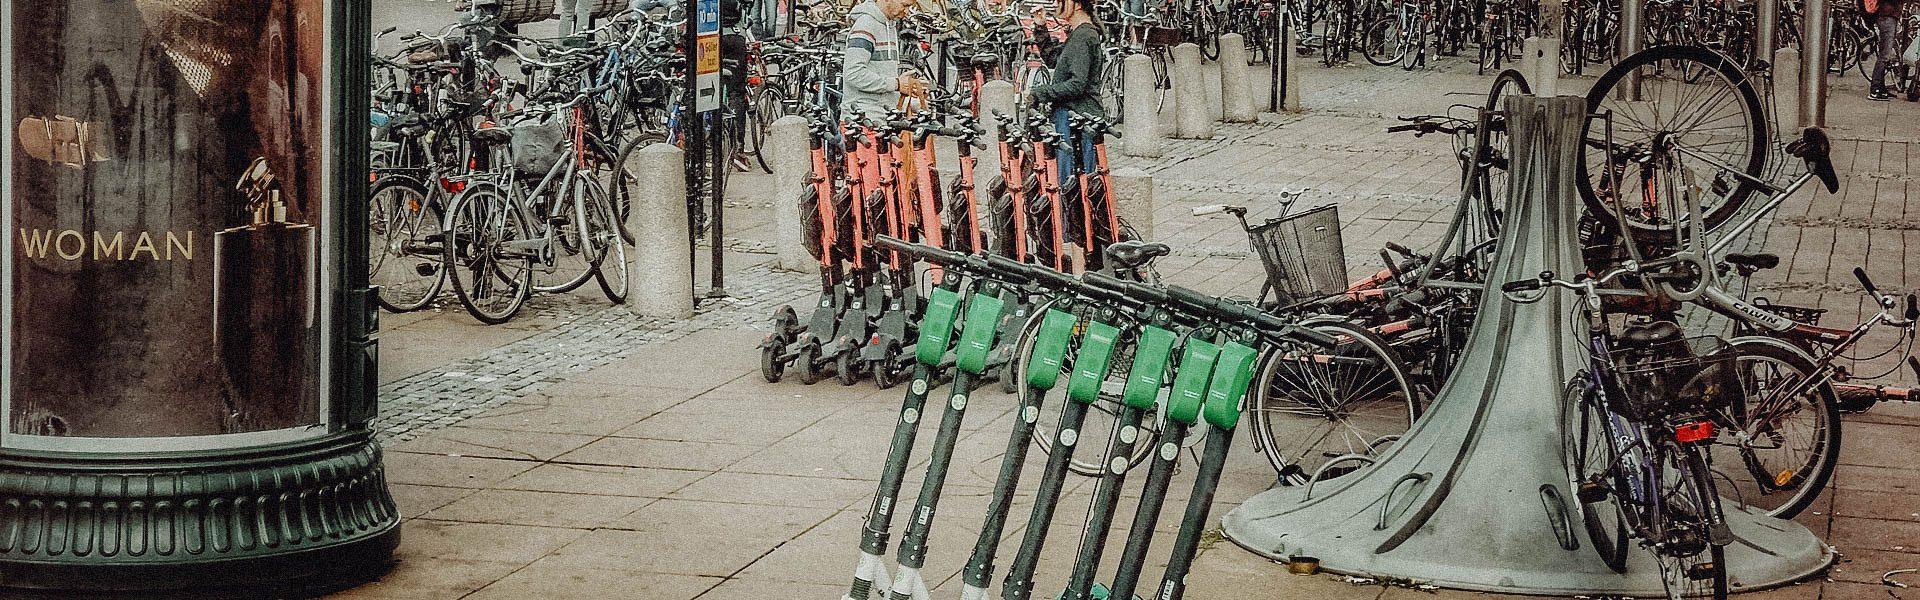 E-Scooter als Mobiltätslösung   SichtWeisen   Bild von Thomas Wolter auf Pixabay